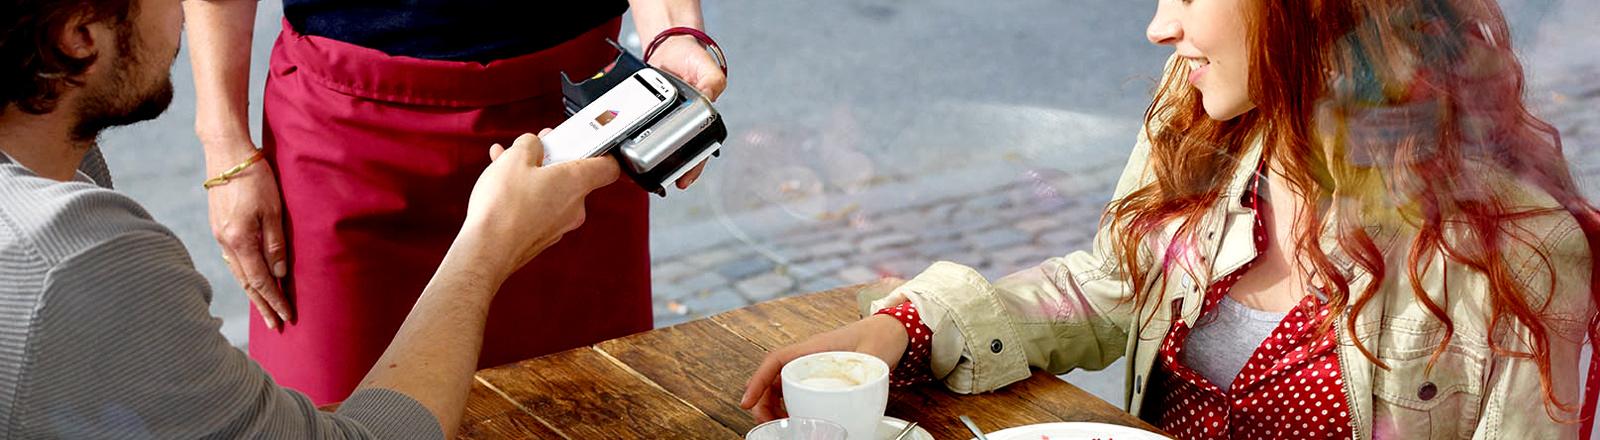 Ein Mann bezahlt in einem Café mit seinem Smartphone.